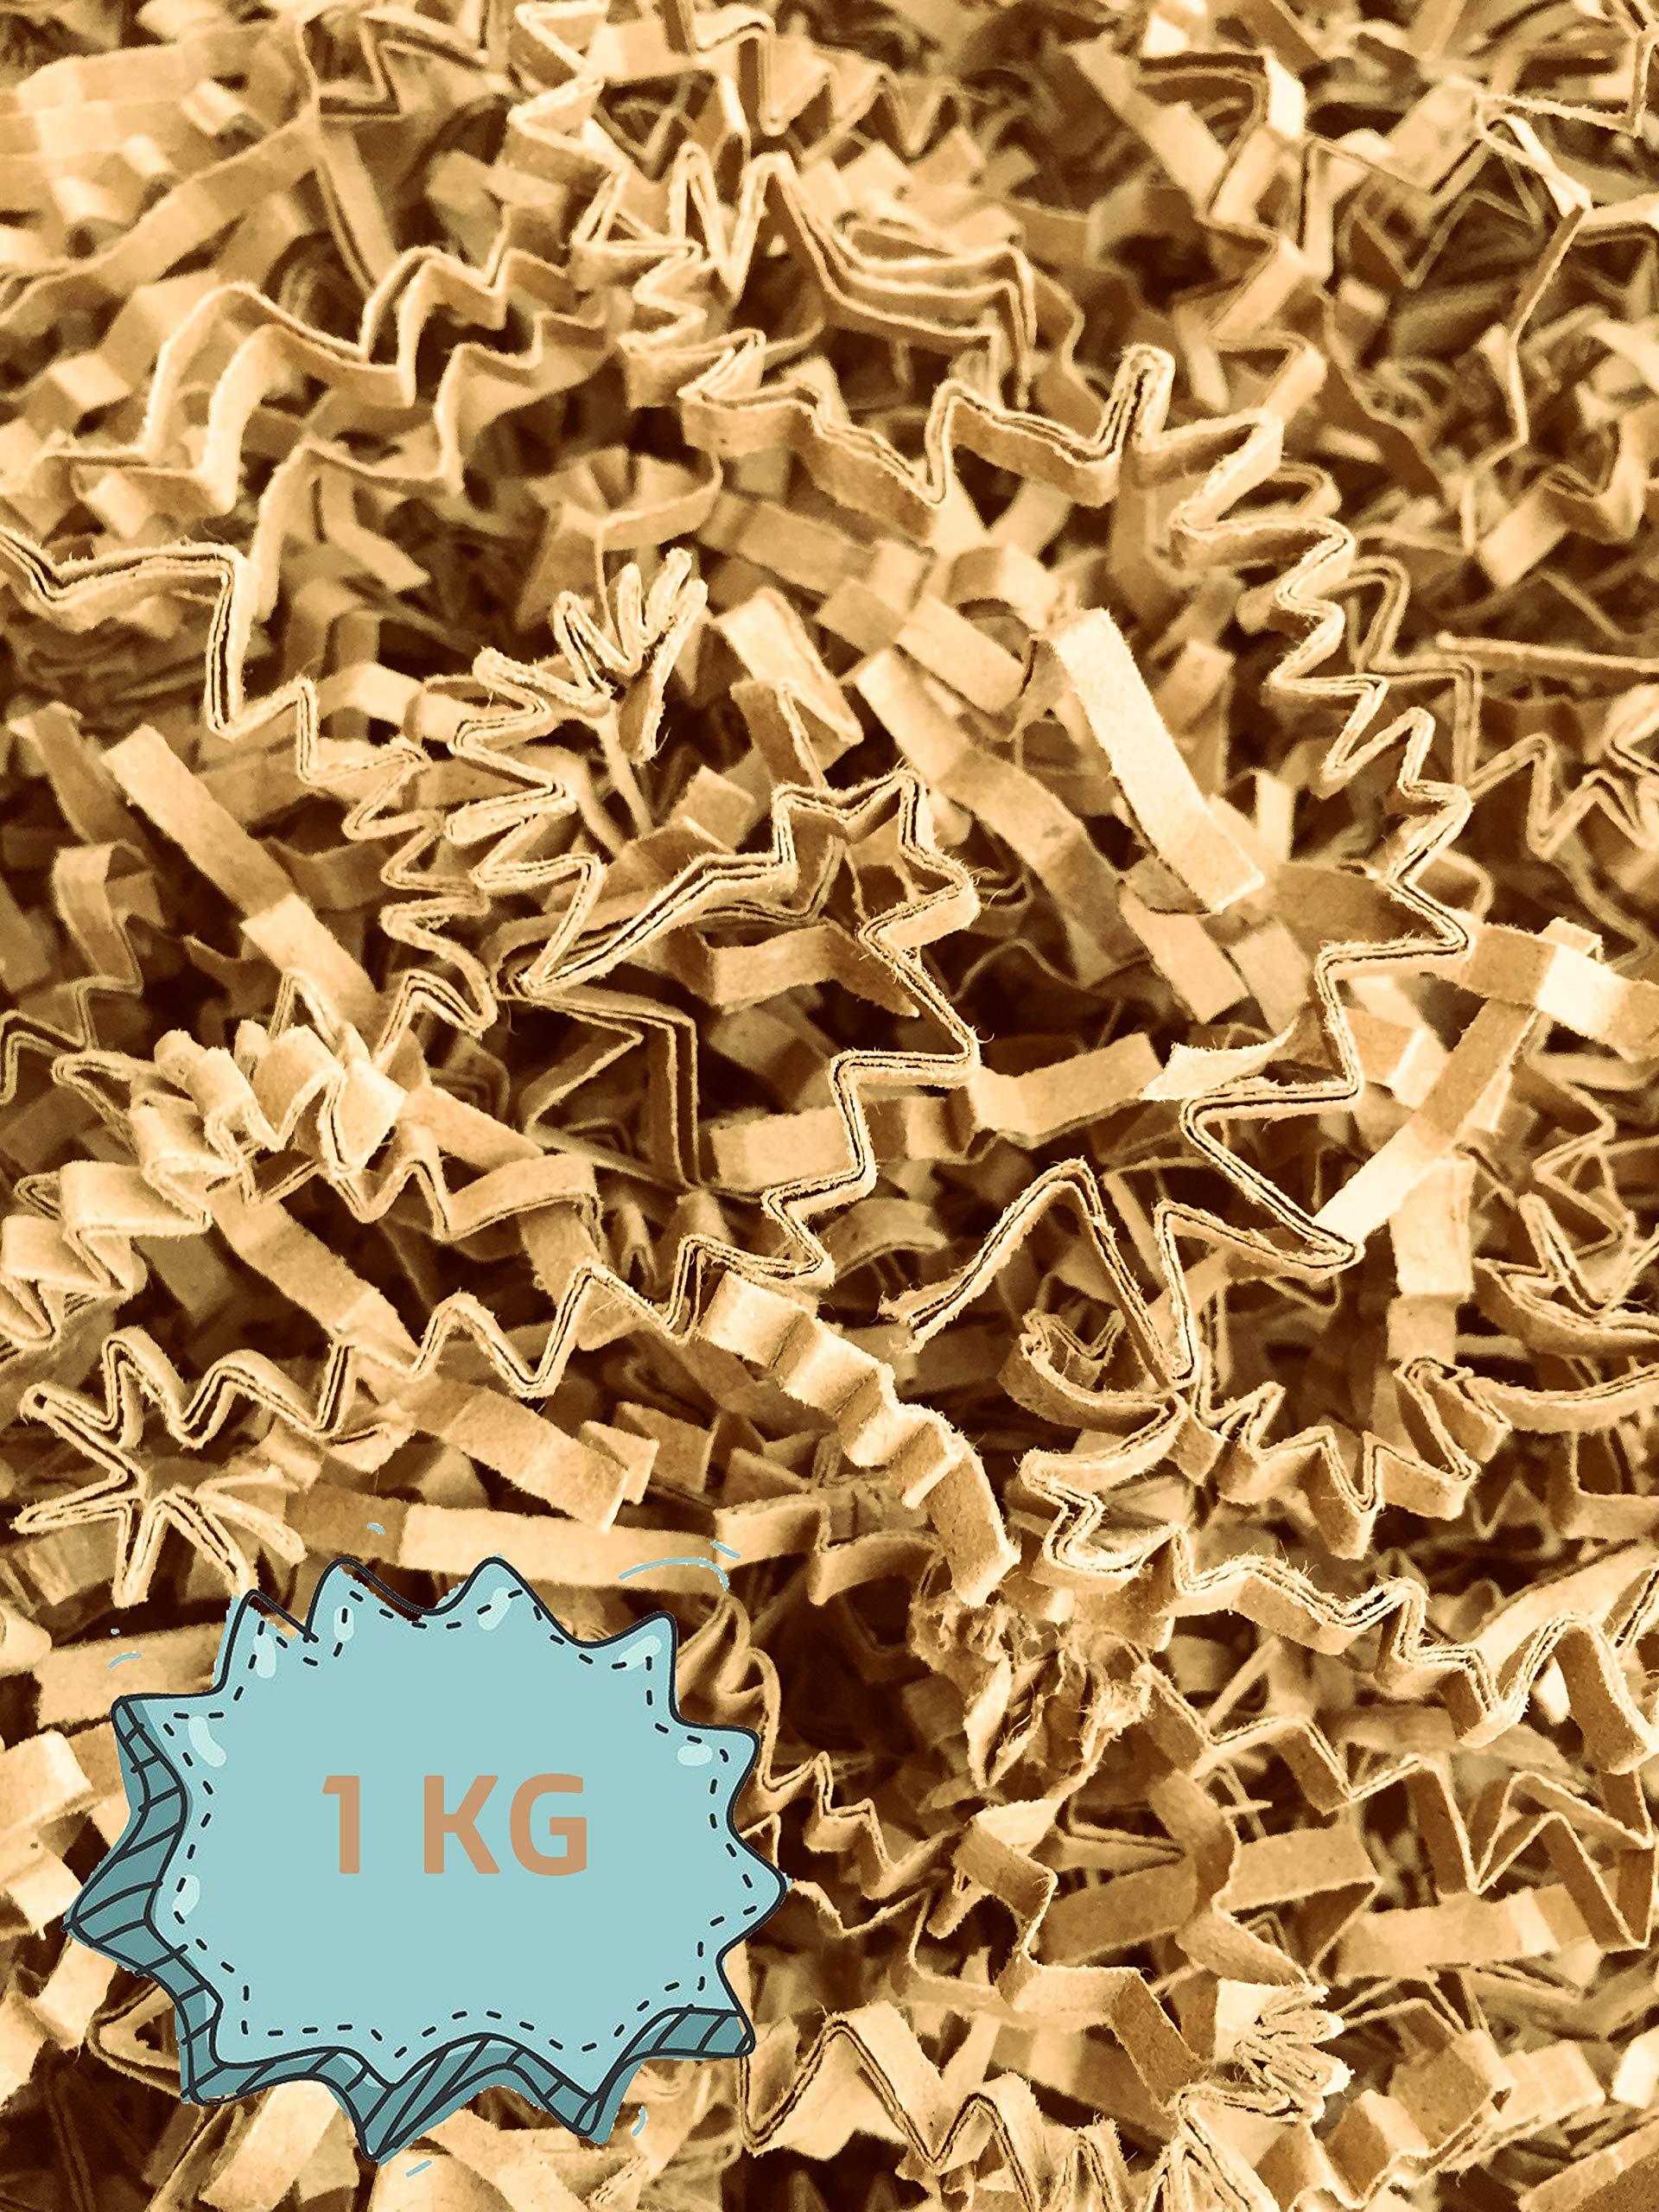 Wiits Natura   Papel Triturado Arrugado para Relleno y Decoración de Cajas   Paja Decorativa Virutas   Cajas regalo   Color Kraft   1 Kilogramo   Biodegradable y Compostable   Libre de Plástico: Amazon.es: Hogar